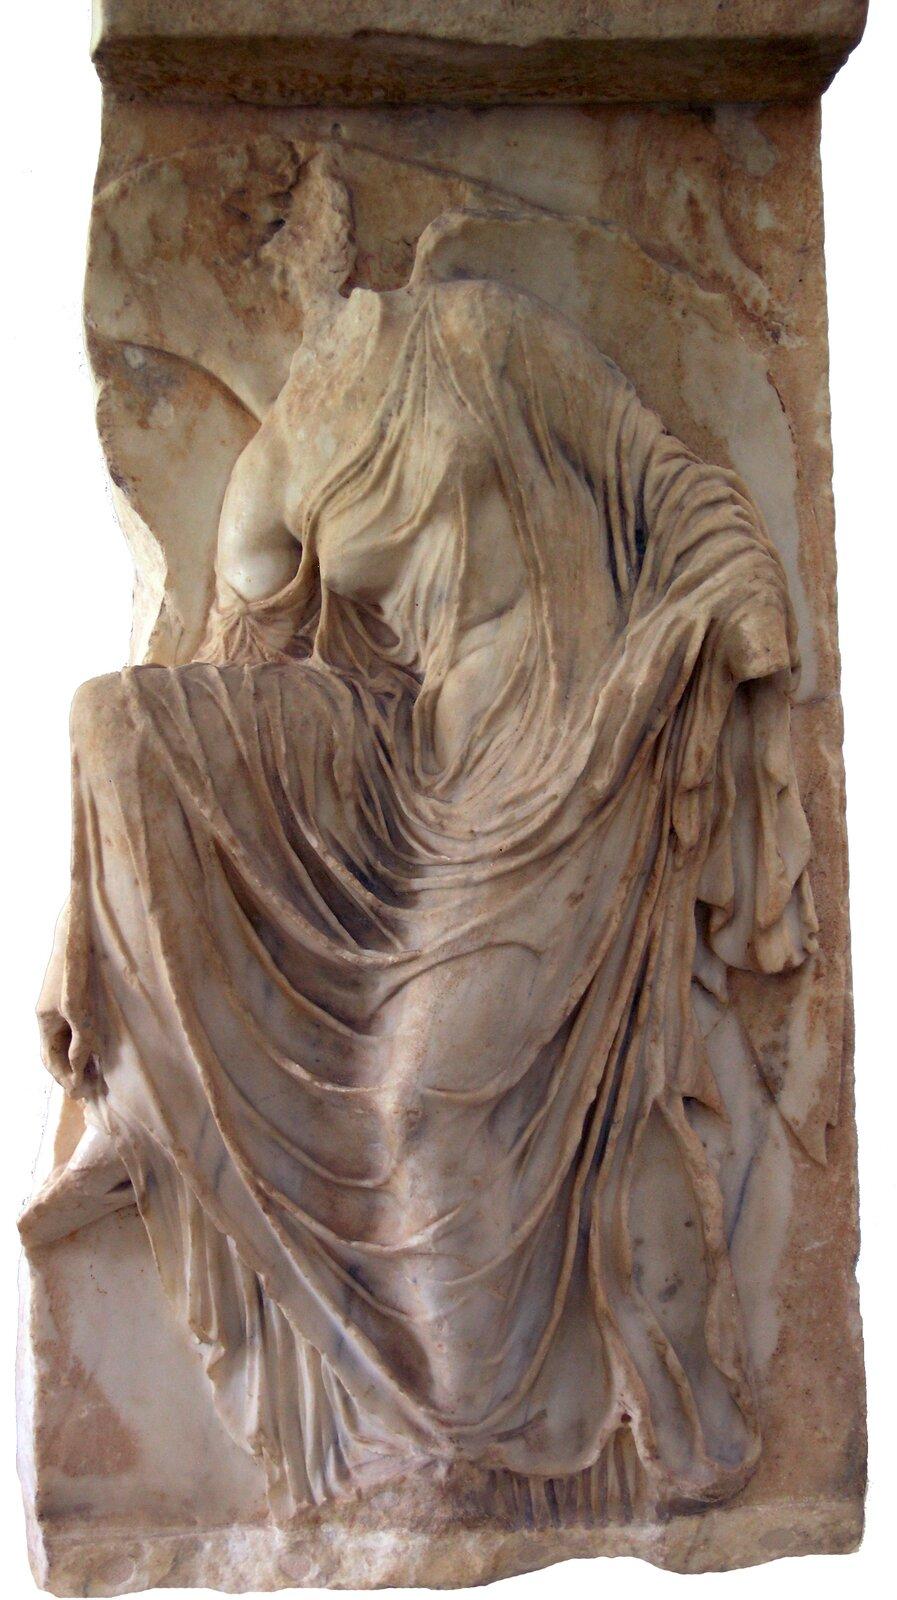 Nike rozwiązująca sandał Źródło: Nike rozwiązująca sandał, ok. 410 p.n.e., marmur, Acropolis Museum, licencja: CC BY 2.5.